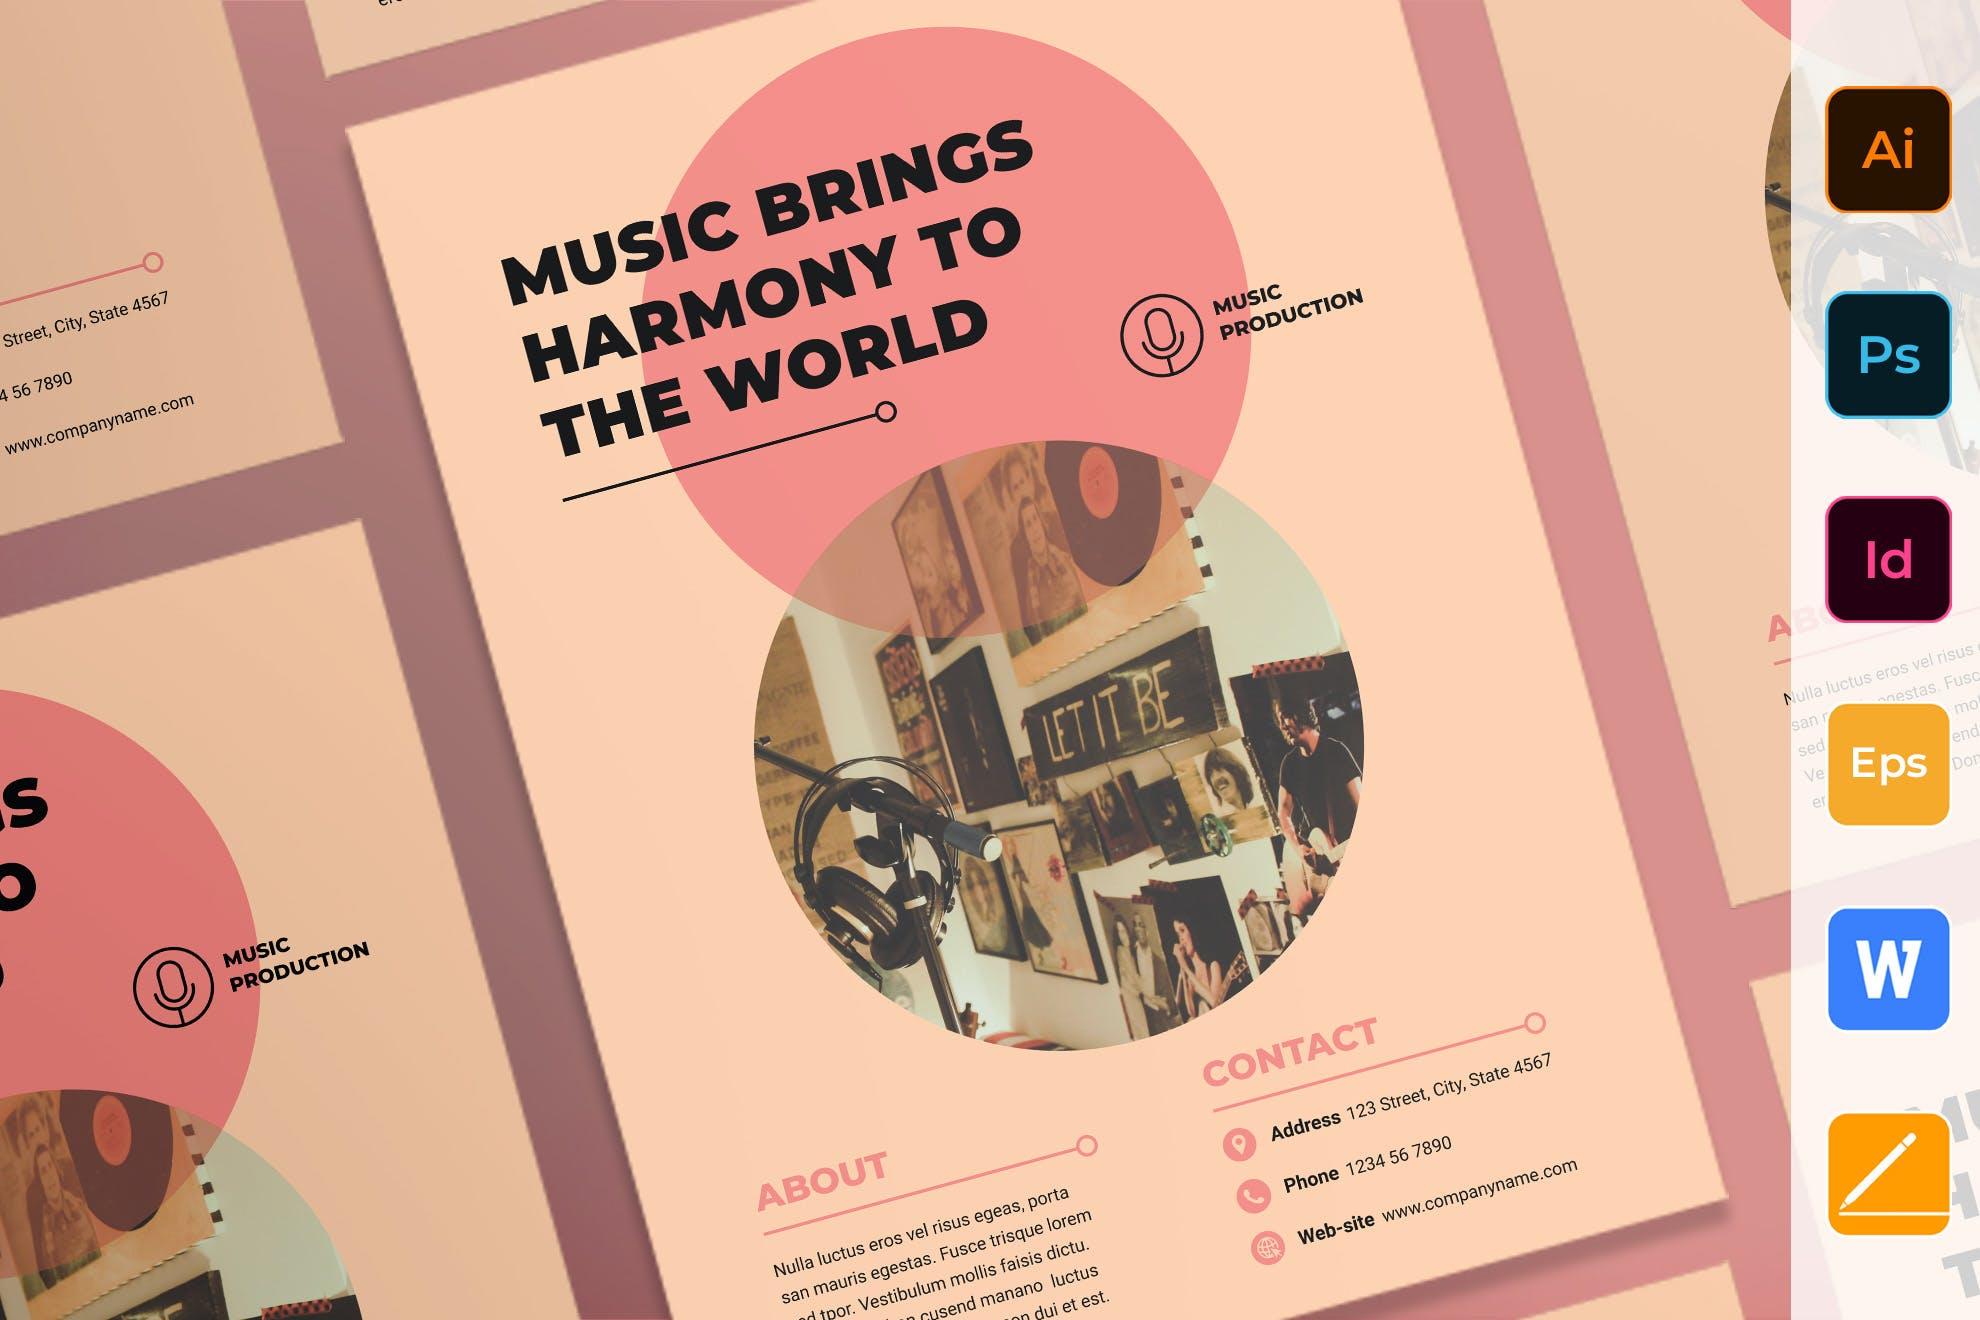 音乐活动制作类海报/传单模板展示Music Production Poster